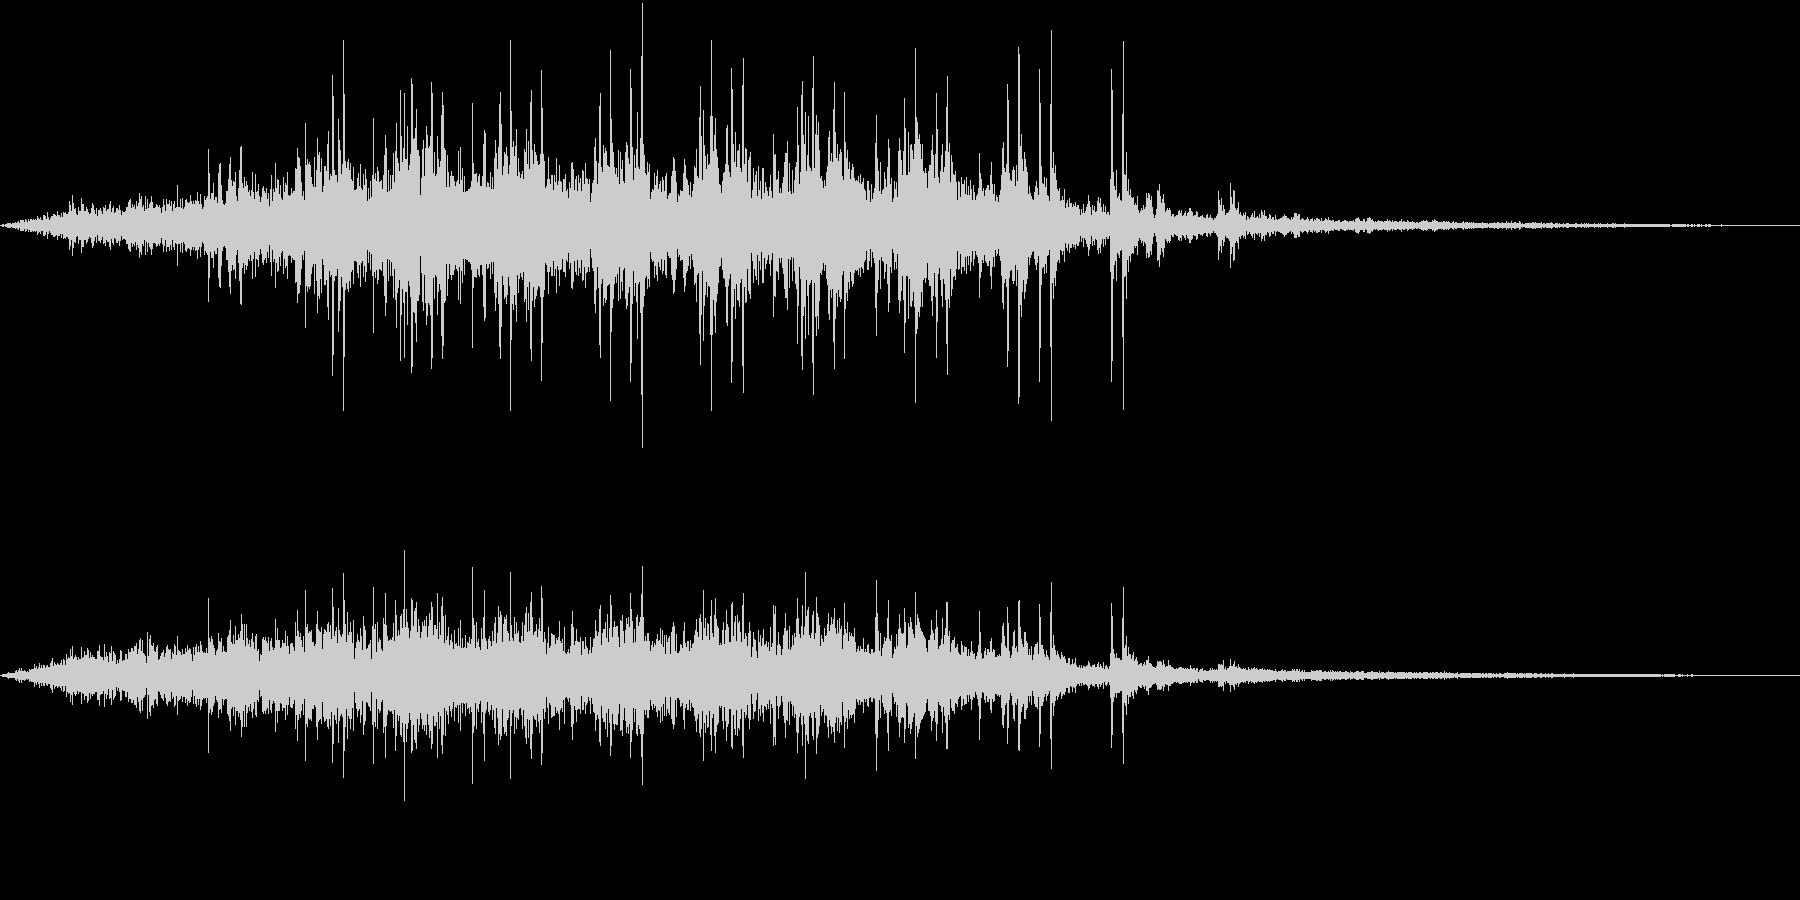 【生録音】電車が通る音 京王線 2の未再生の波形